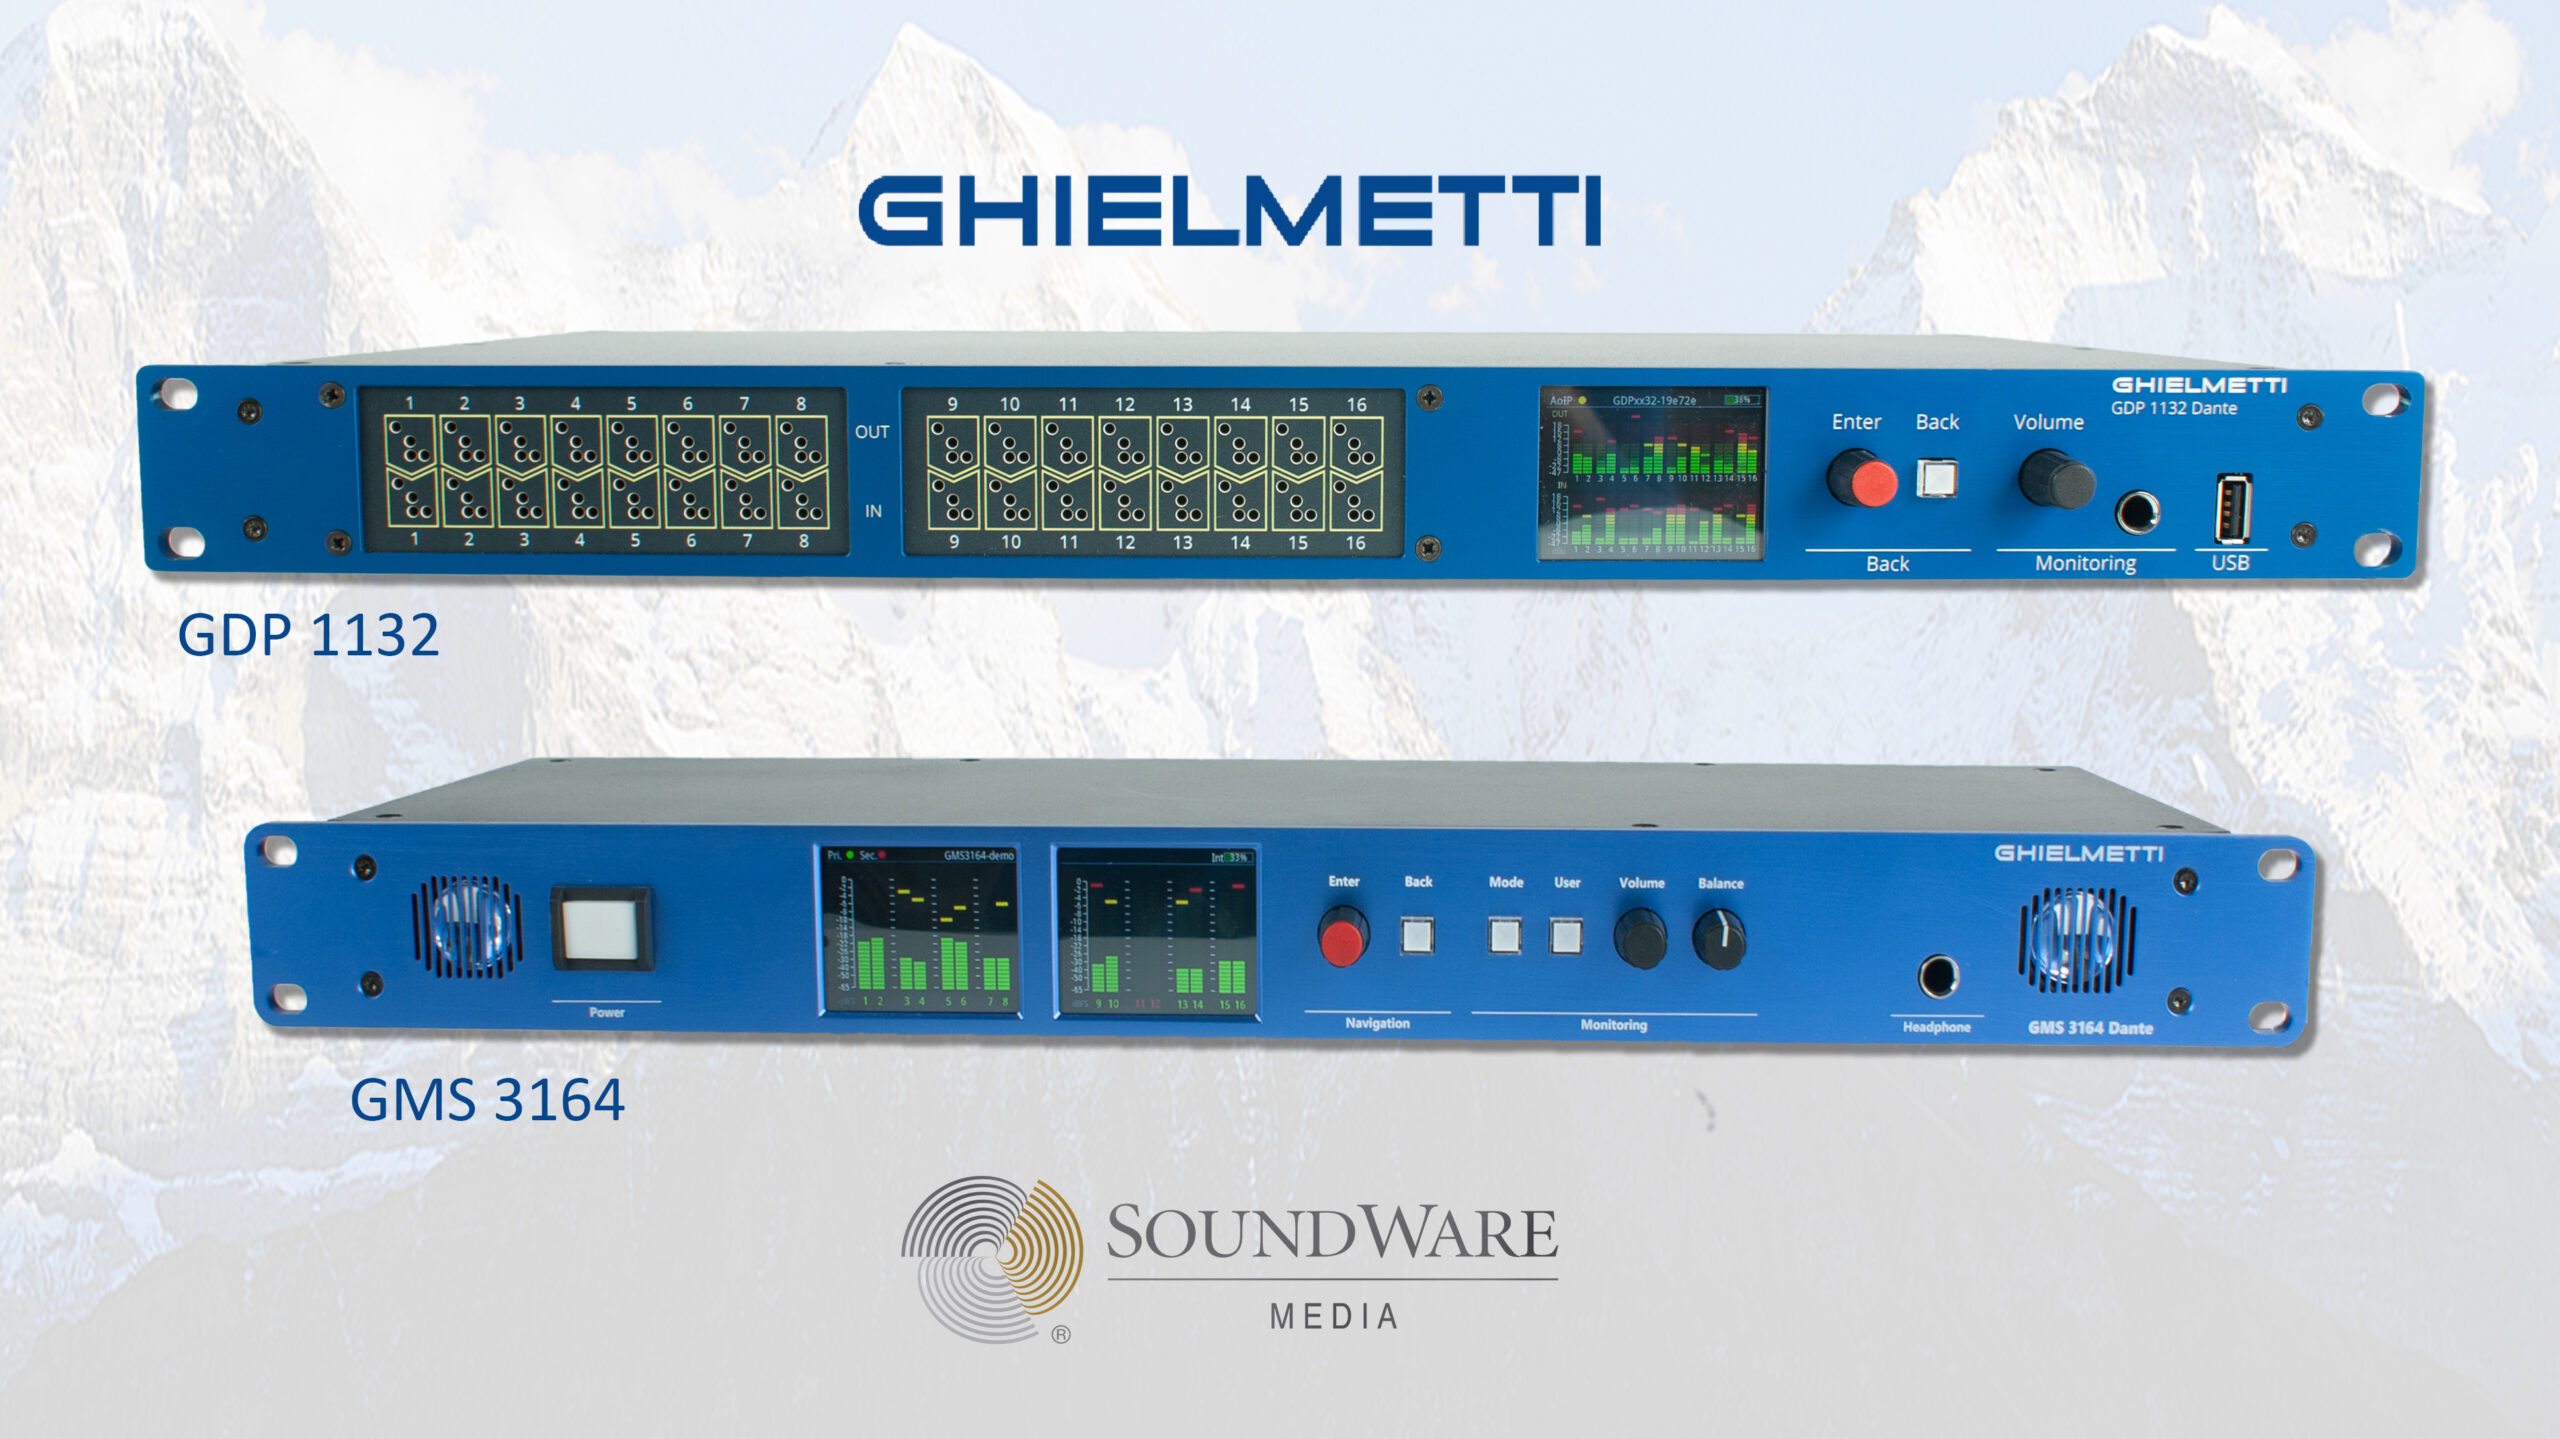 Ghielmetti presenta su nuevo monitor para audio en red GMS 3164 Dante Plus y el nuevo patchbay GDP 1132 Dante